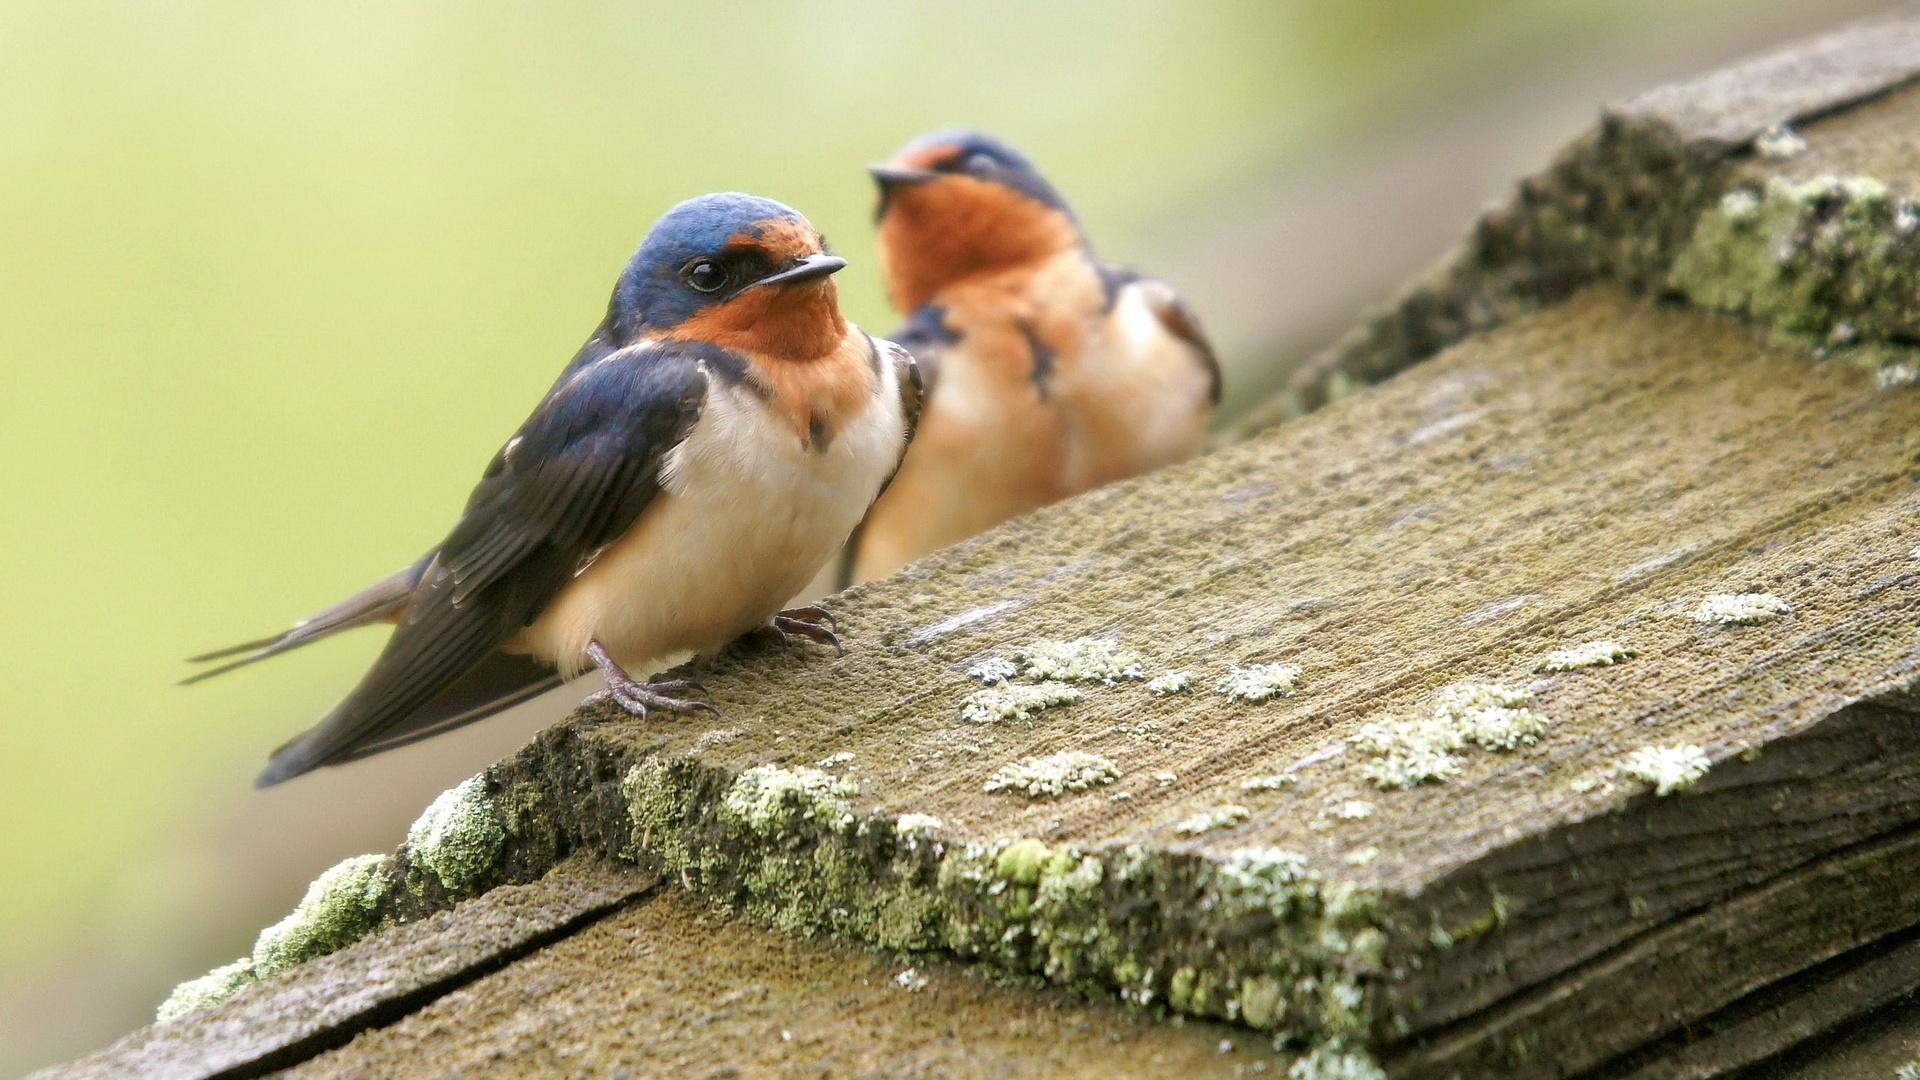 правильно птицы картинки широкоформатные между разновидностями размерах